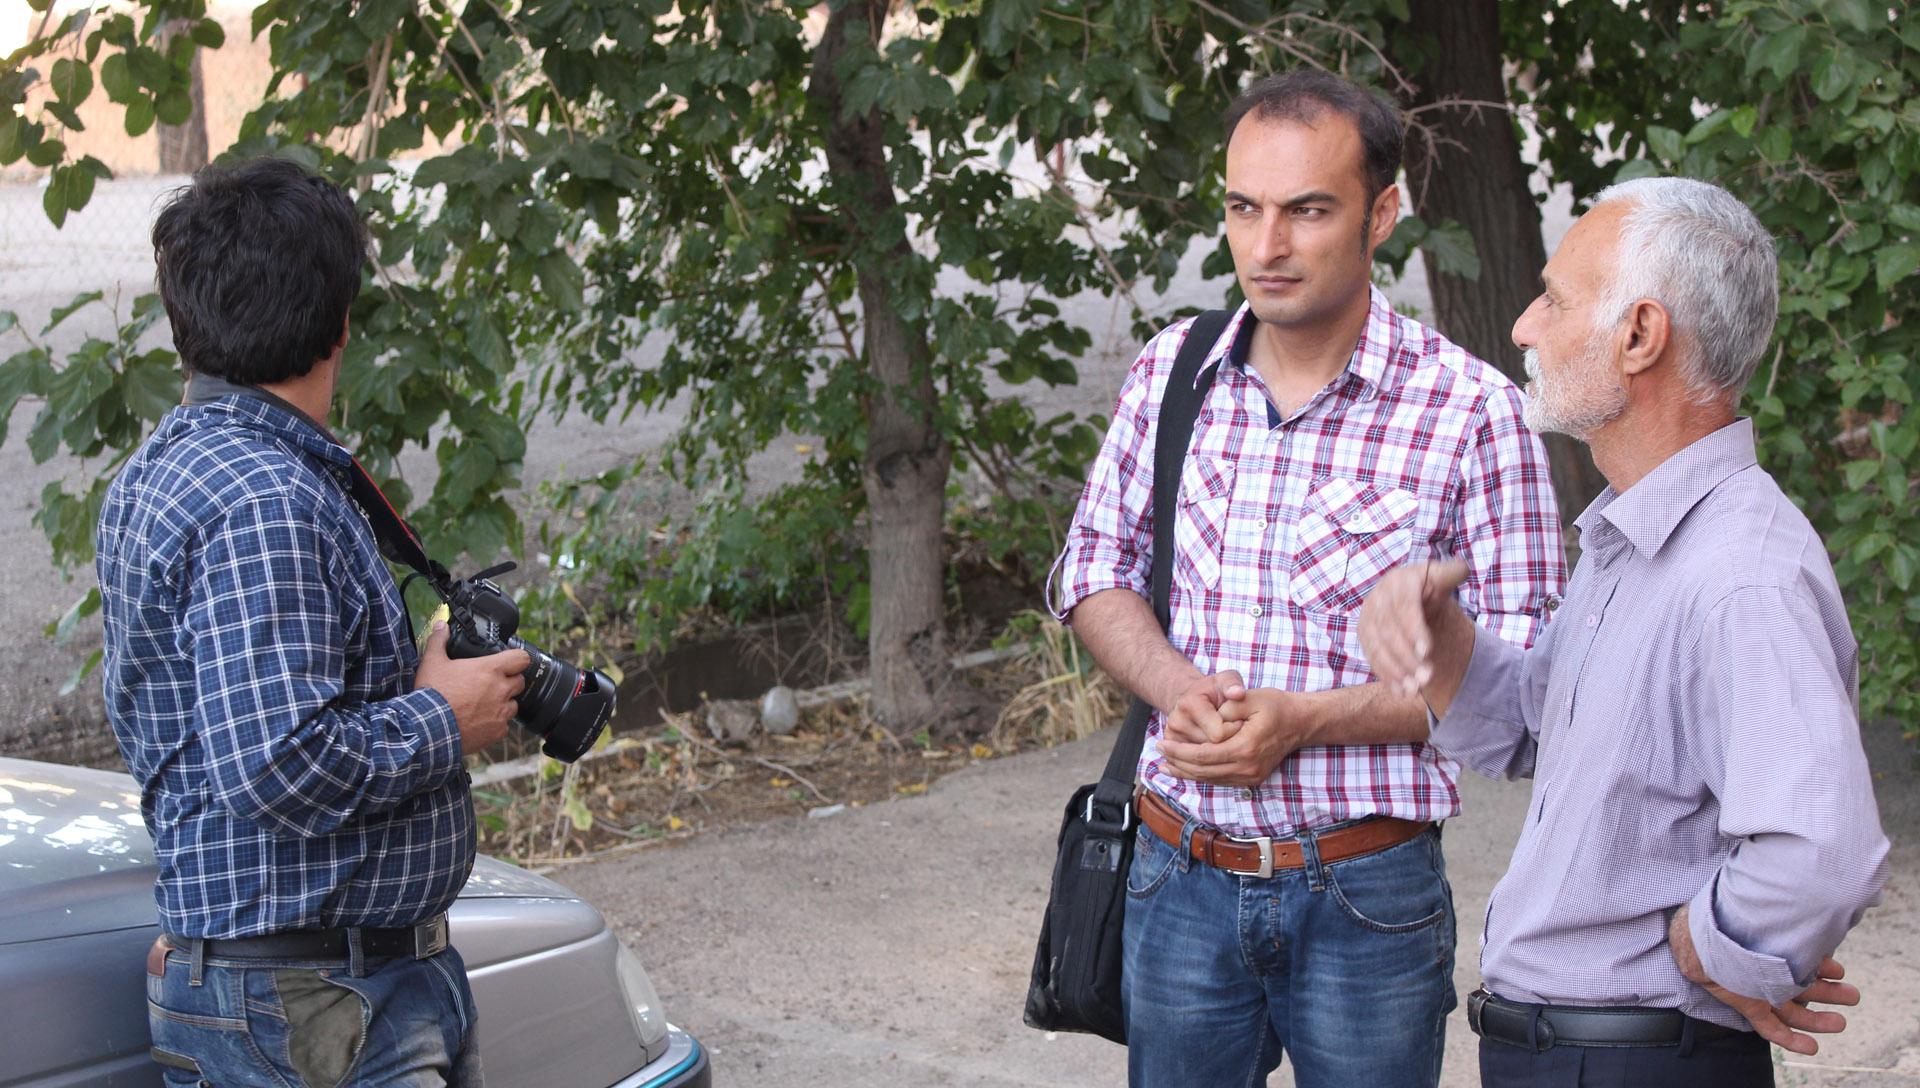 محسن مقدم و امید شریفی شرکت فیلم سازی زوم شیراز